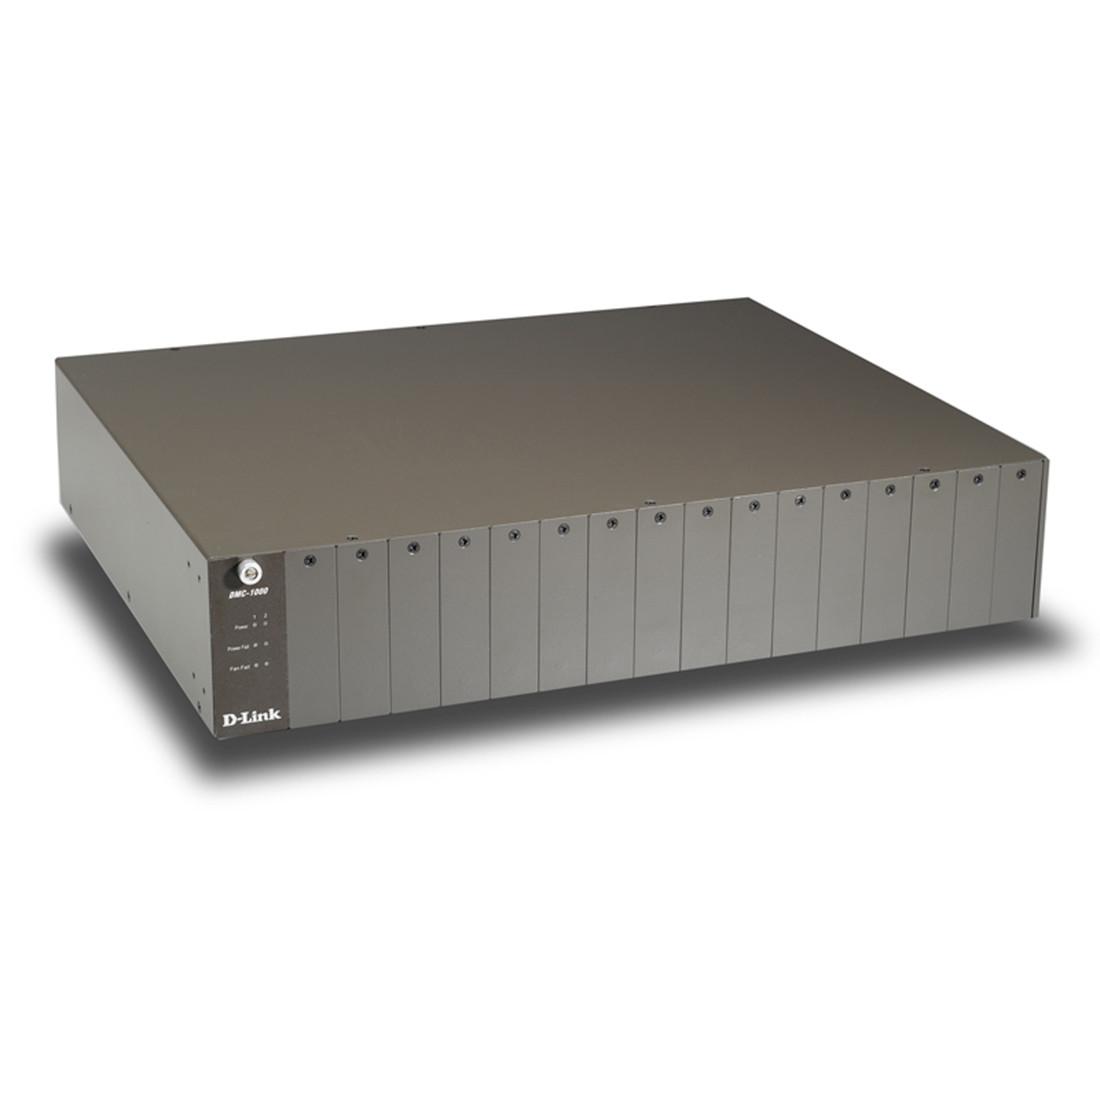 Шасси для медиаконвертеров D-Link DMC-1000